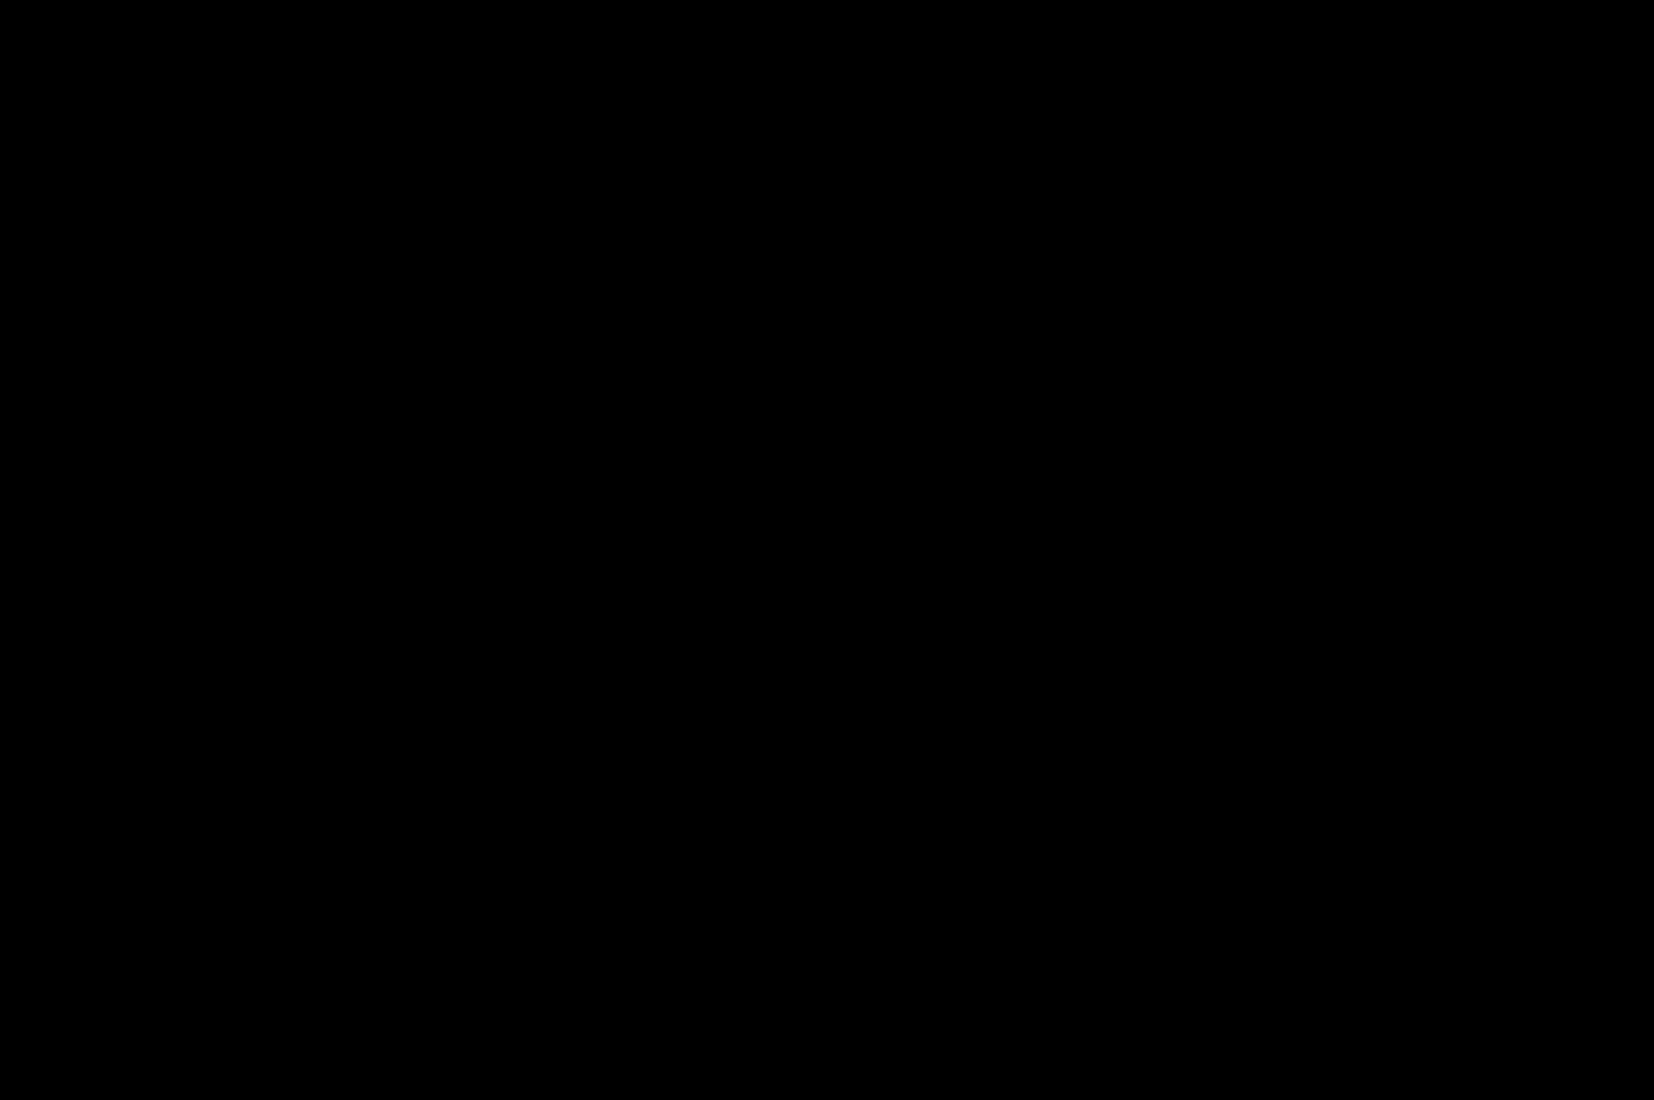 http://www.s-shika-clinic.com/asset/iGO_Logo_RGB_Positive.png